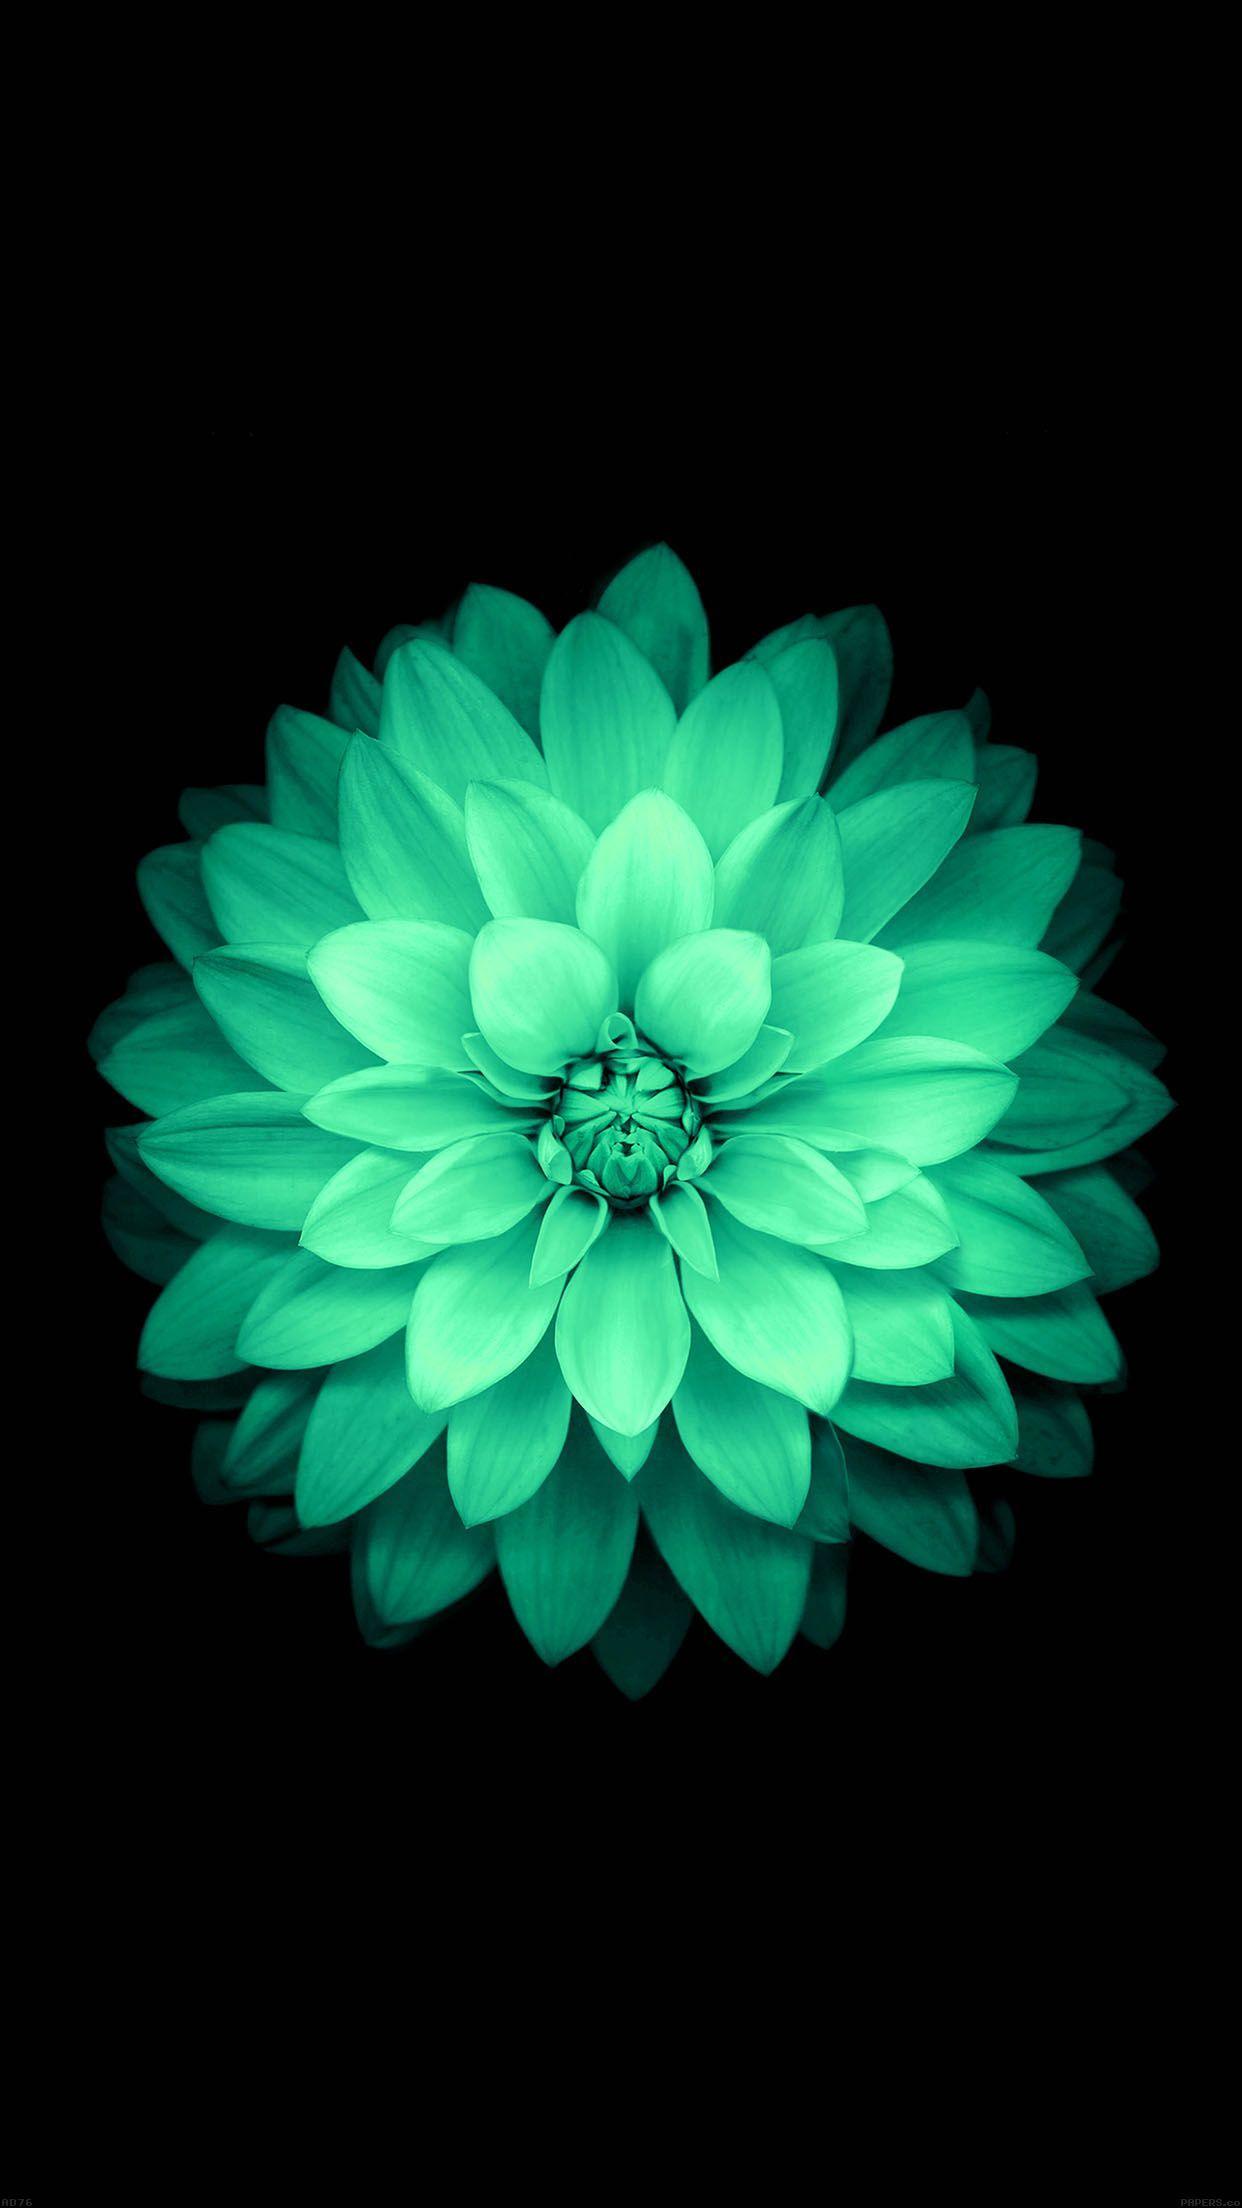 5 fonds d 39 cran fleuris pour iphone et ipad for Image pour fond ecran iphone